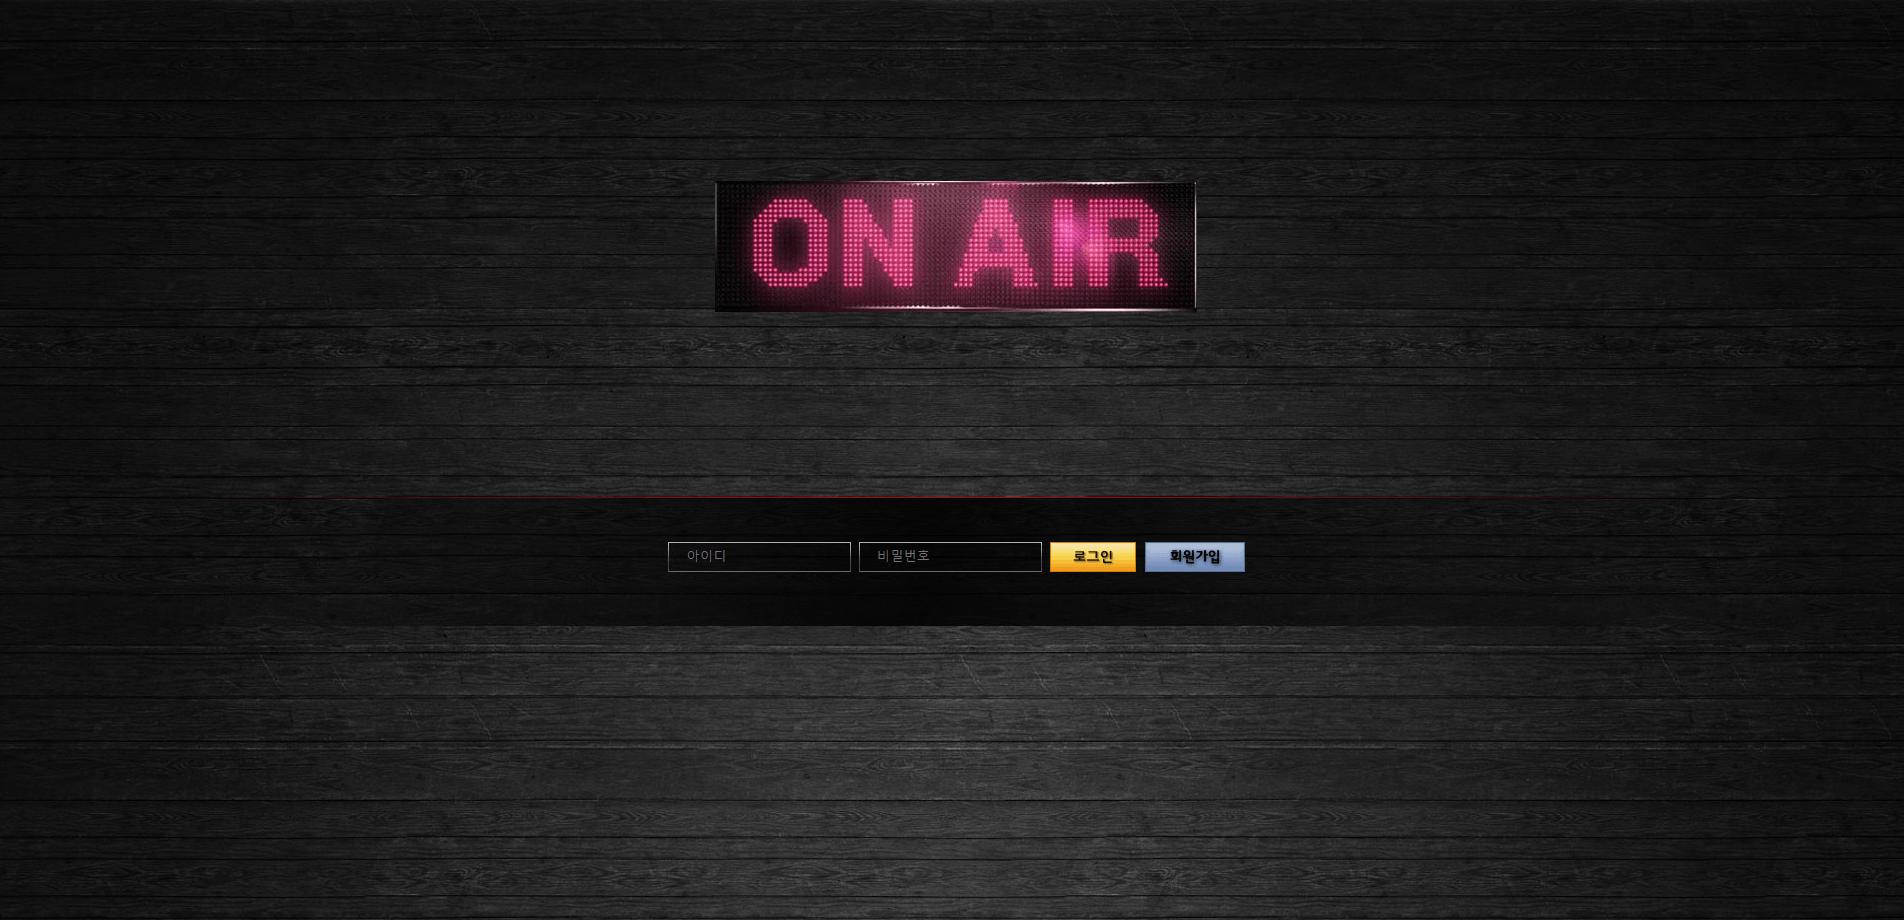 [먹튀검증]ONAIR(온에어) onair-tvn11.com 먹튀사이트 확정 토토사이트 먹튀검증업체 토토안내소